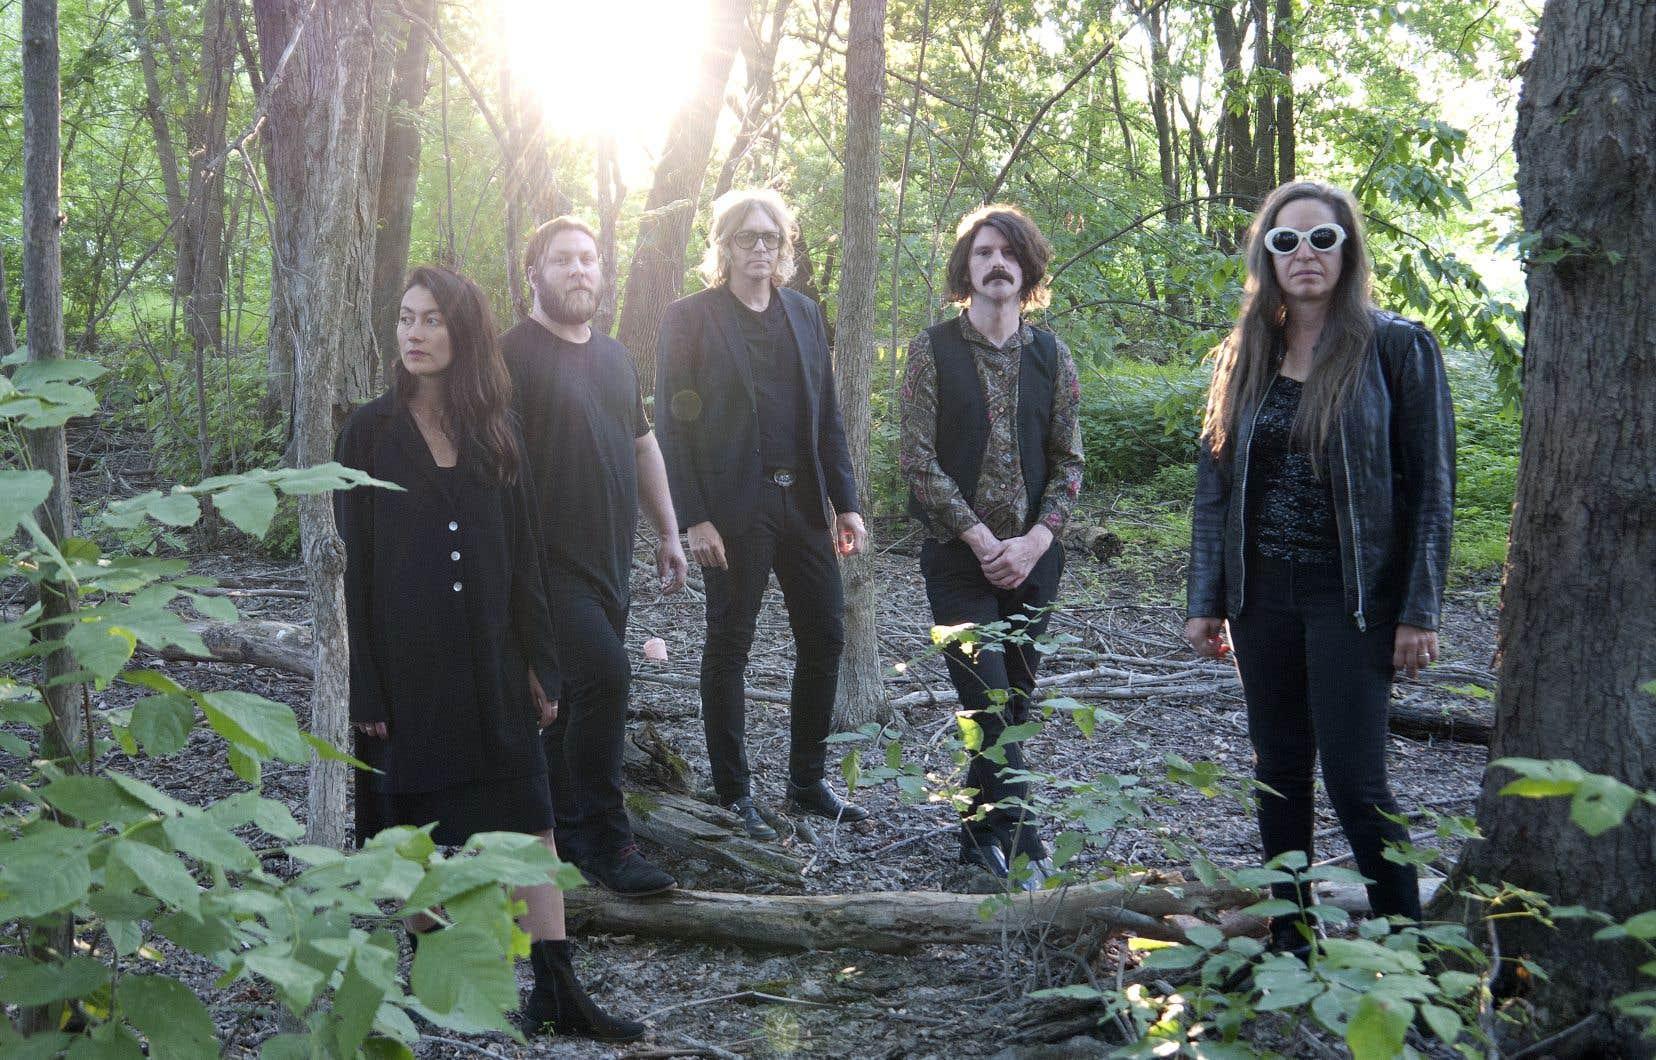 Le sixième  album  du groupe  Besnard Lakes explore  les thèmes  de la mort  et de la  renaissance.